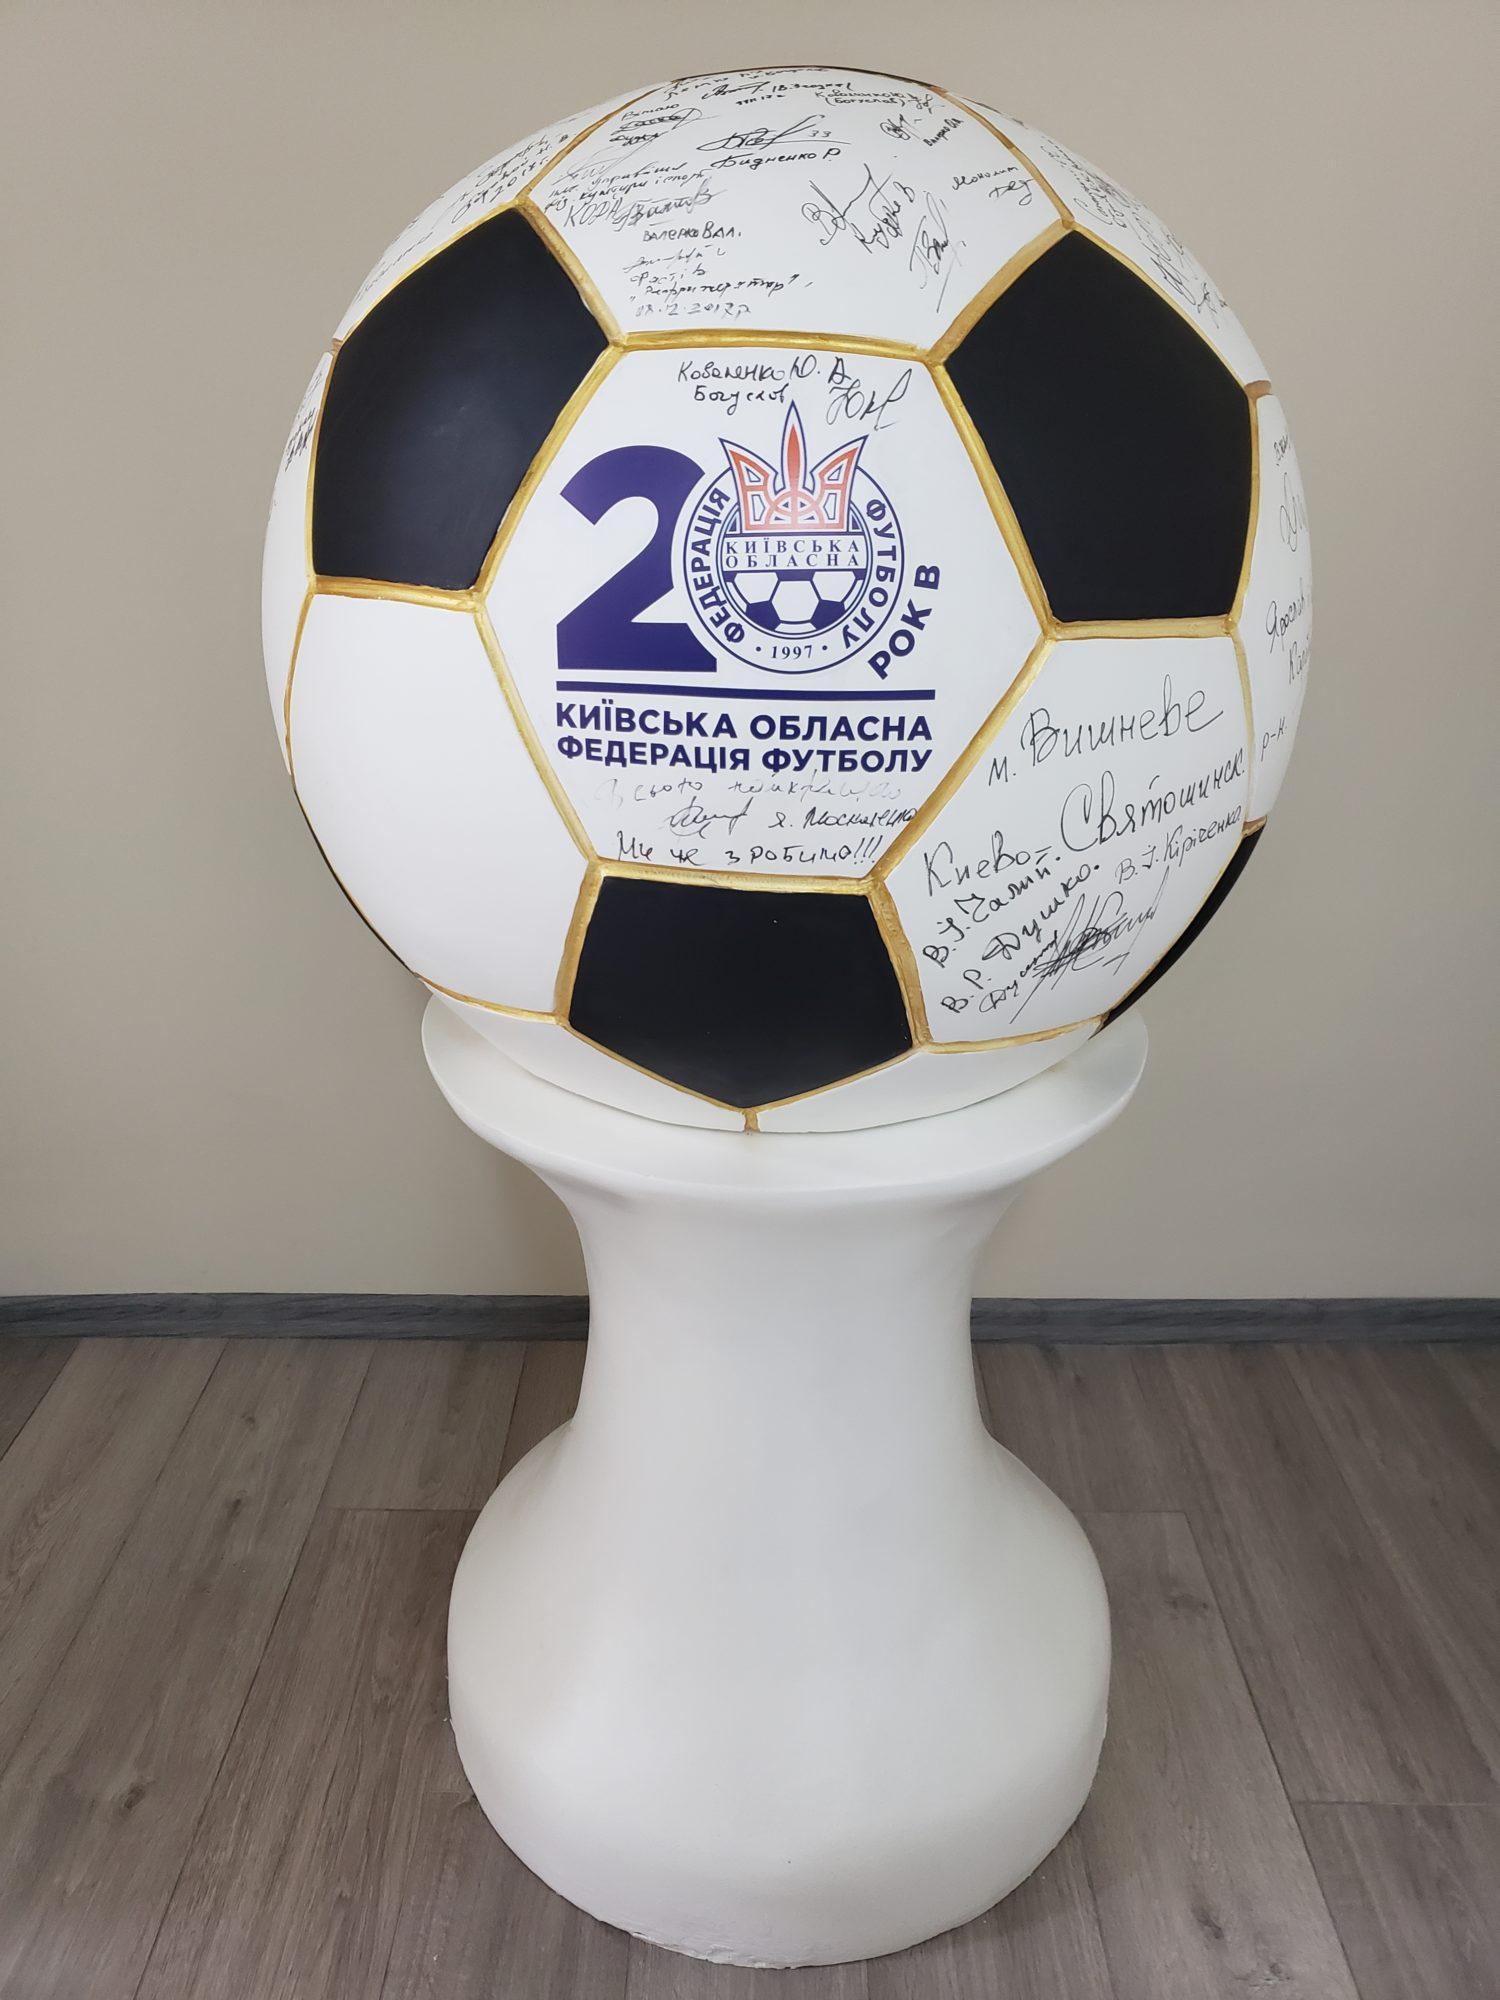 20200117_175931-1500x2000 Київська обласна федерація футболу відкрила новий офіс